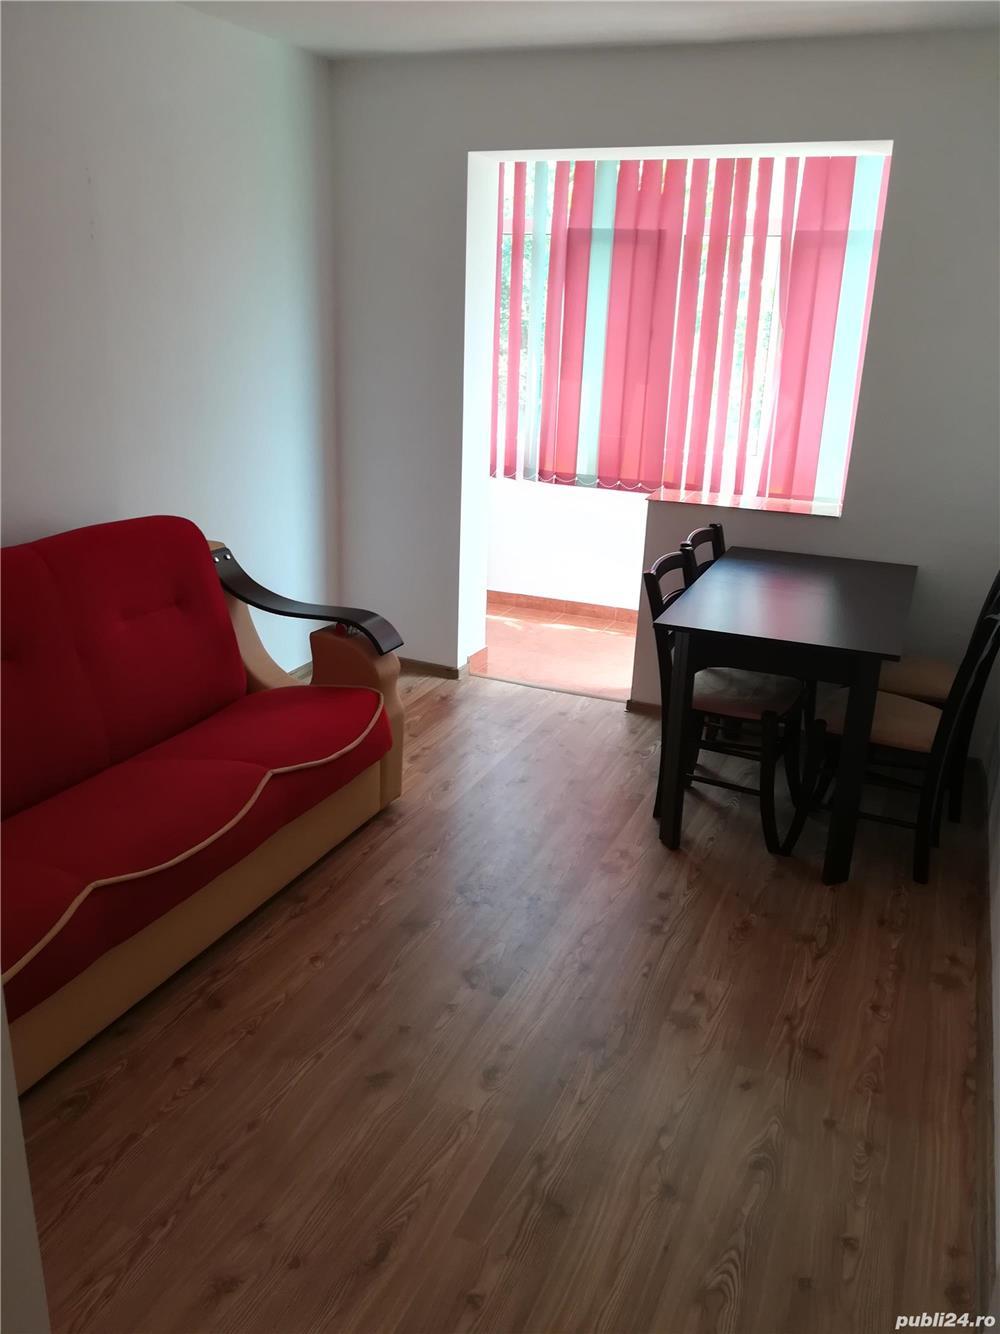 Apartament 2 camere, etajul 1, renovat, luminos, zona linistita